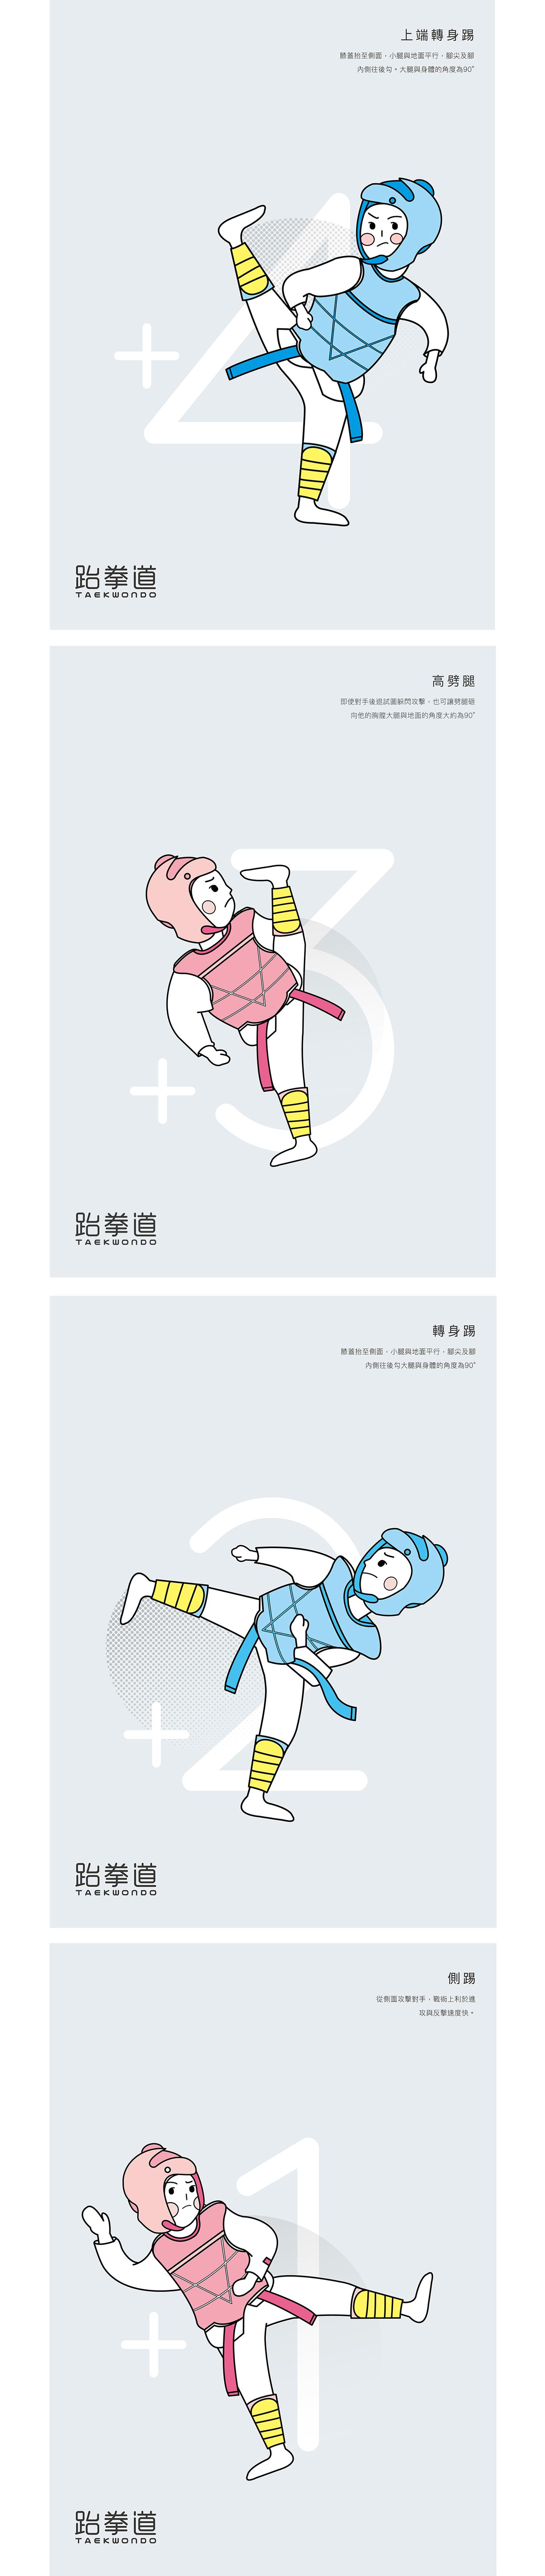 跆拳道資訊海報 on Behance